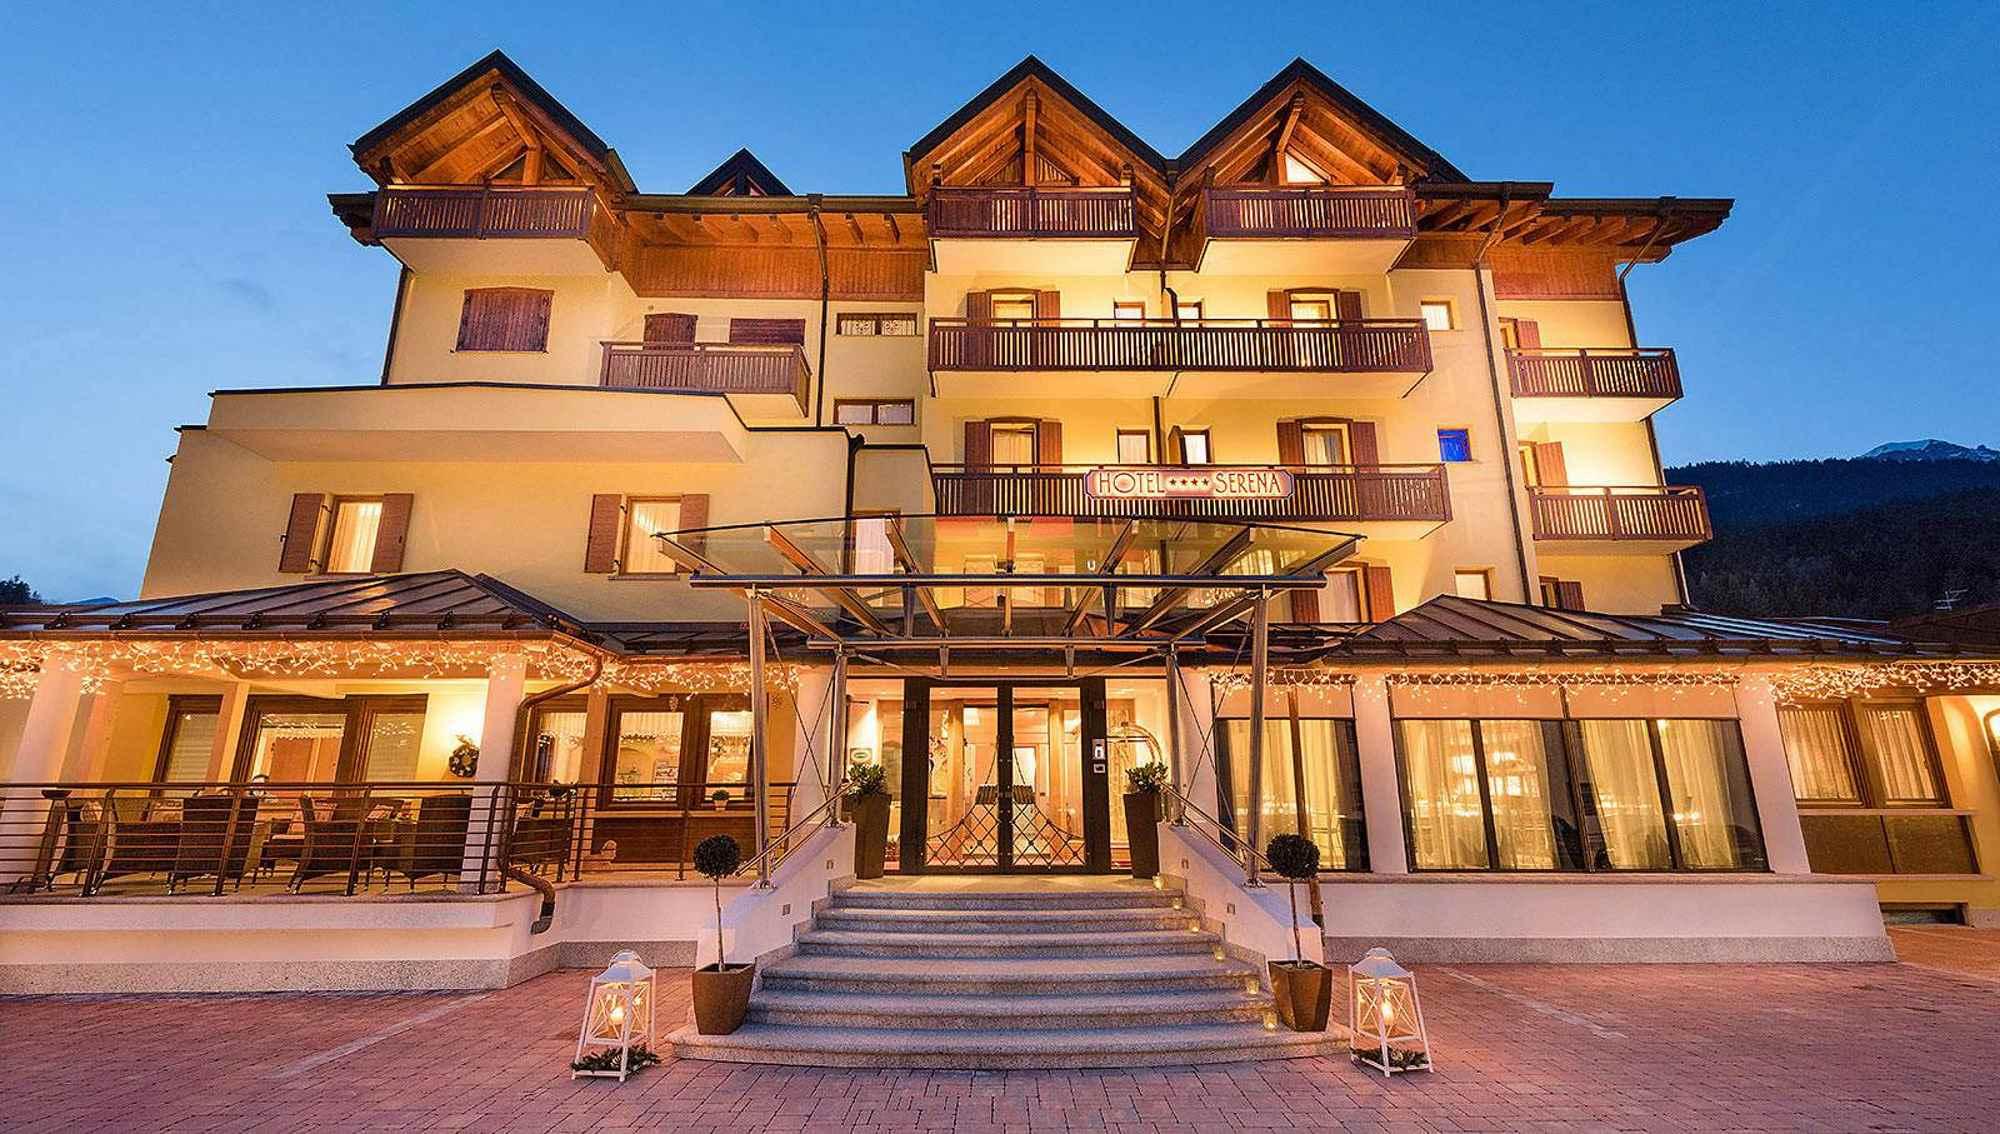 Hotel serena hotel per bambini in montagna a andalo for Hotel per bambini trentino